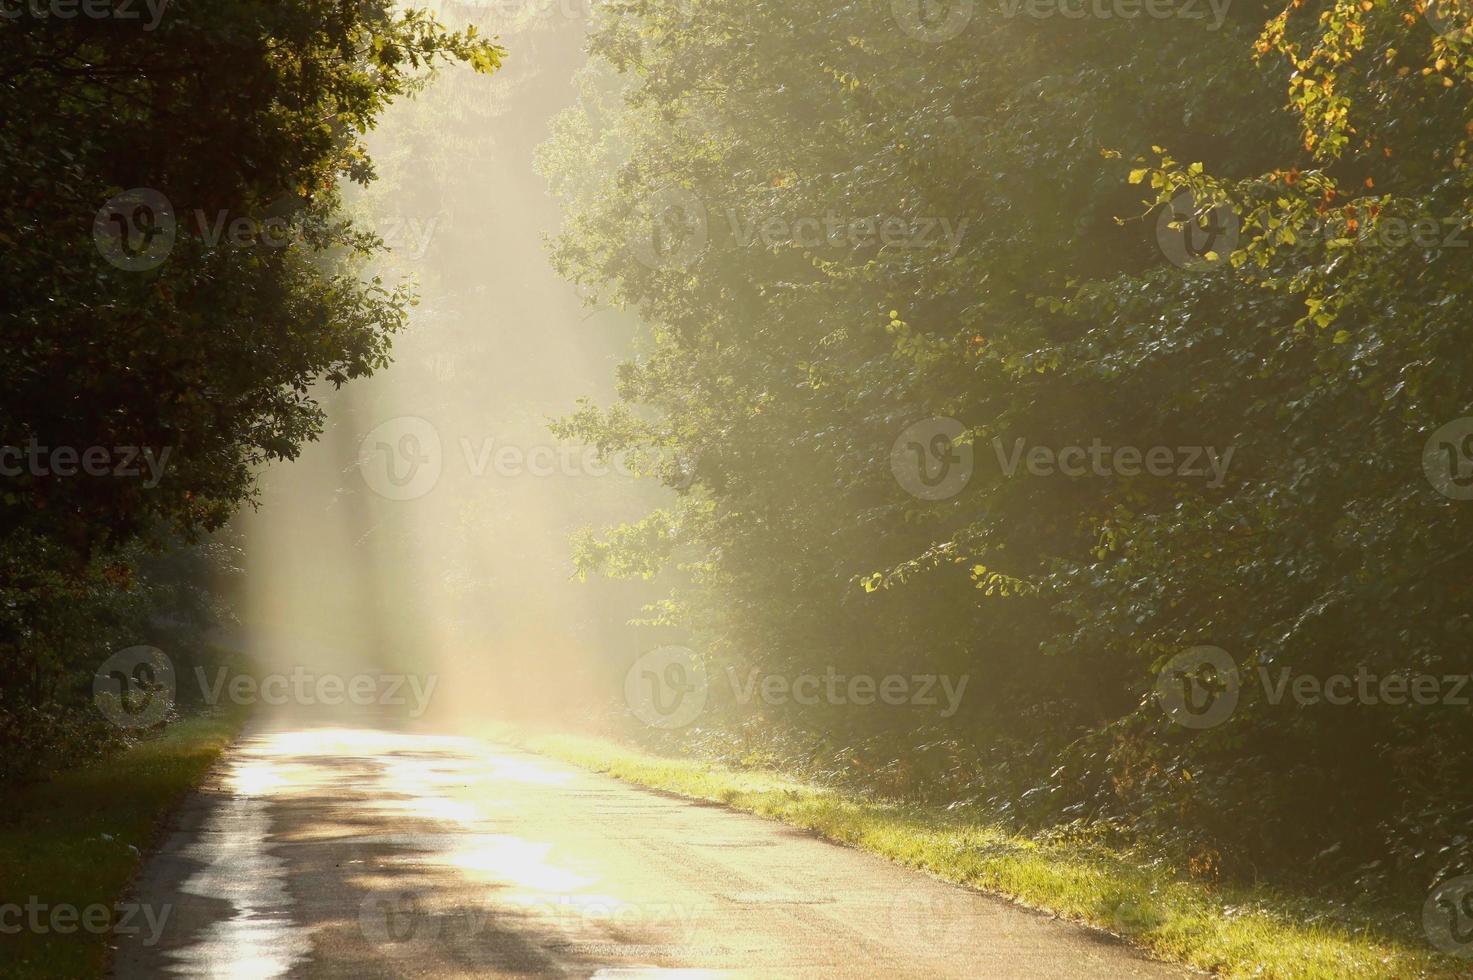 strada di campagna nebbiosa all'alba foto